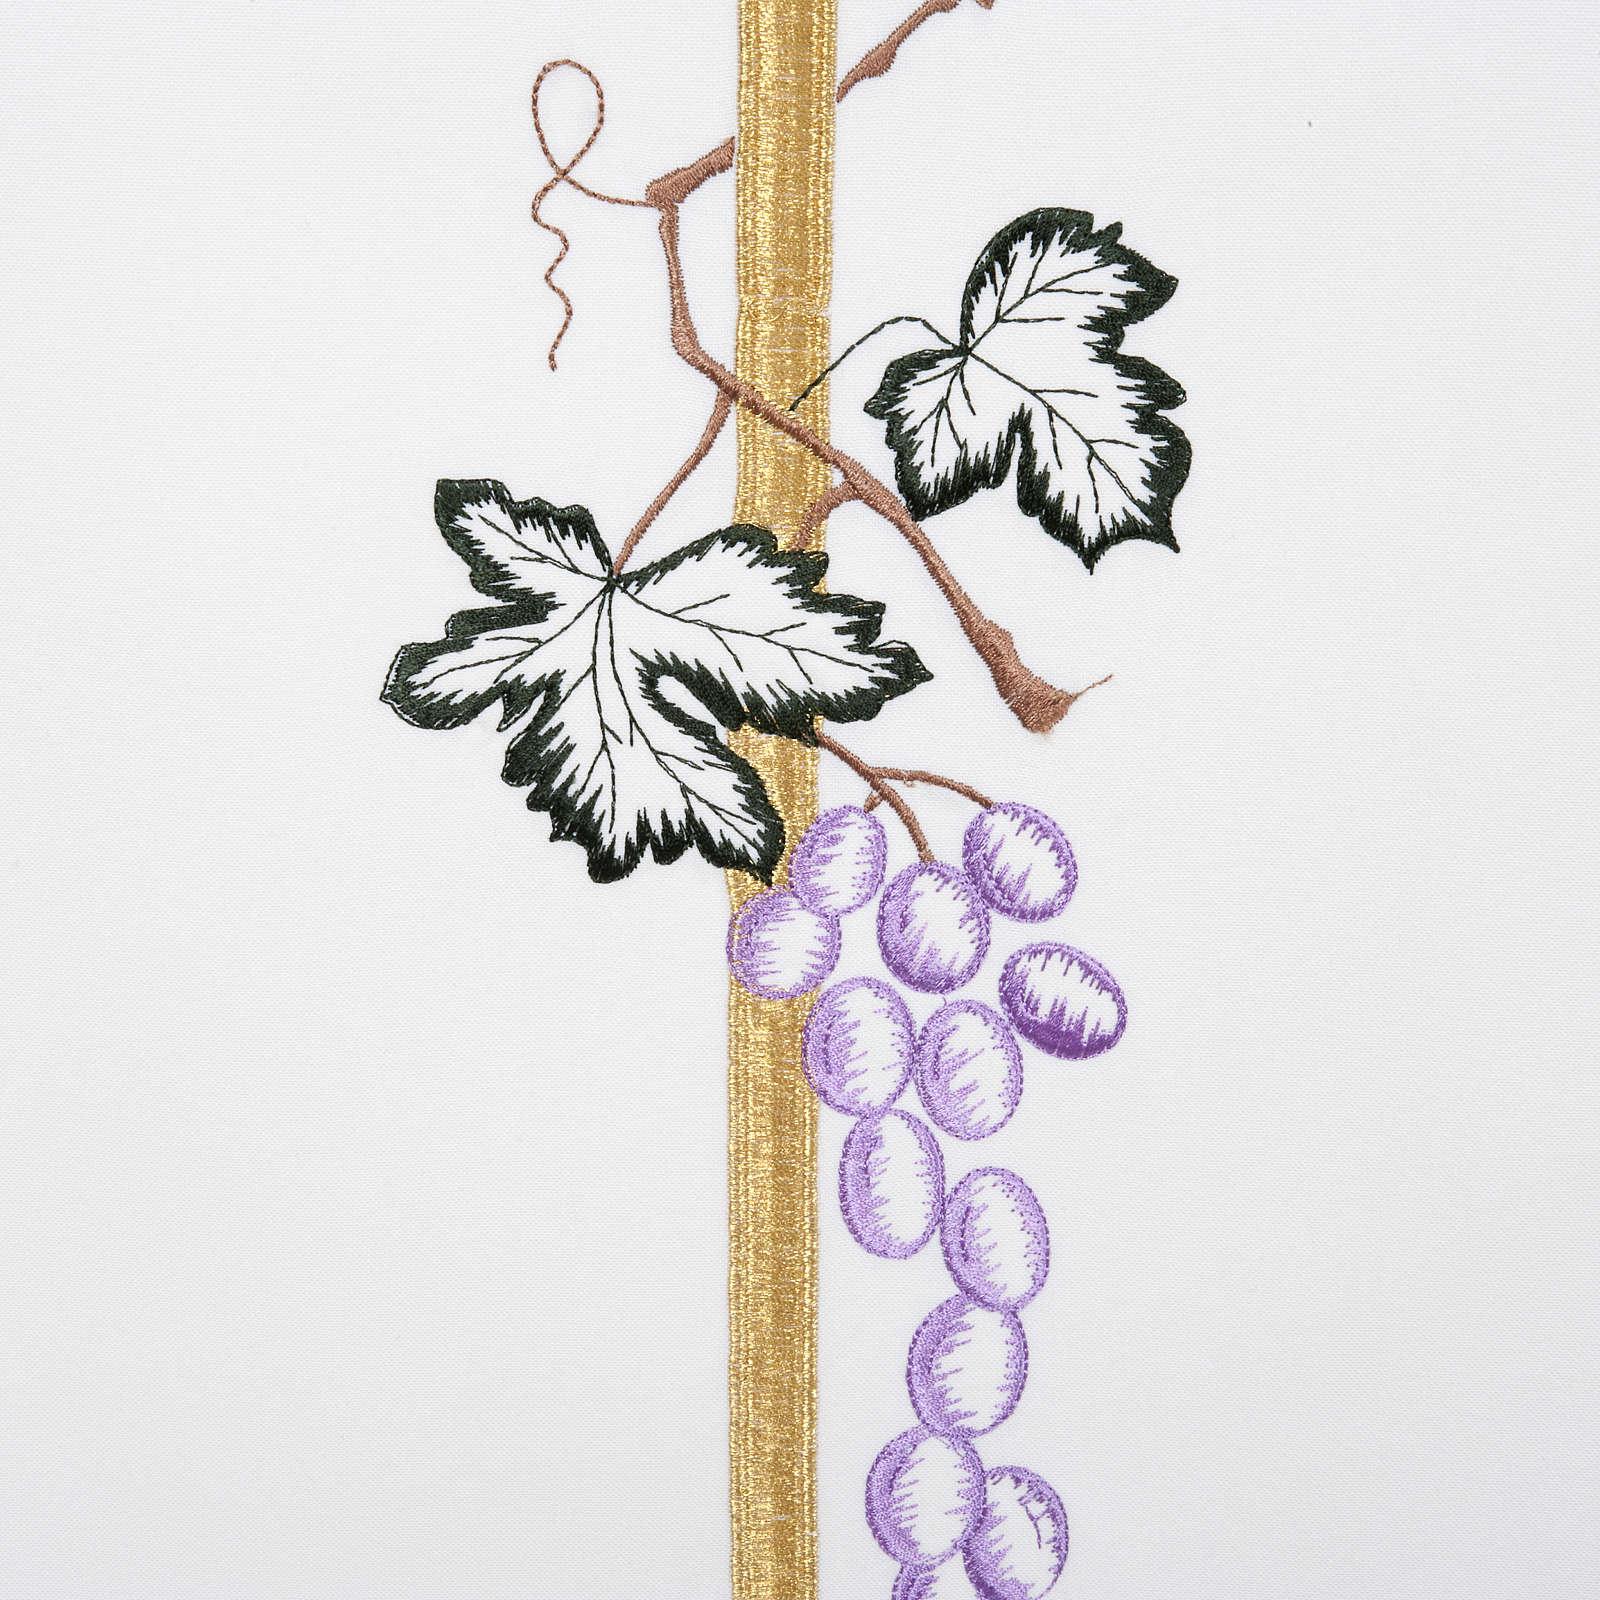 Coprileggio croce alta spighe uva vari colori 4